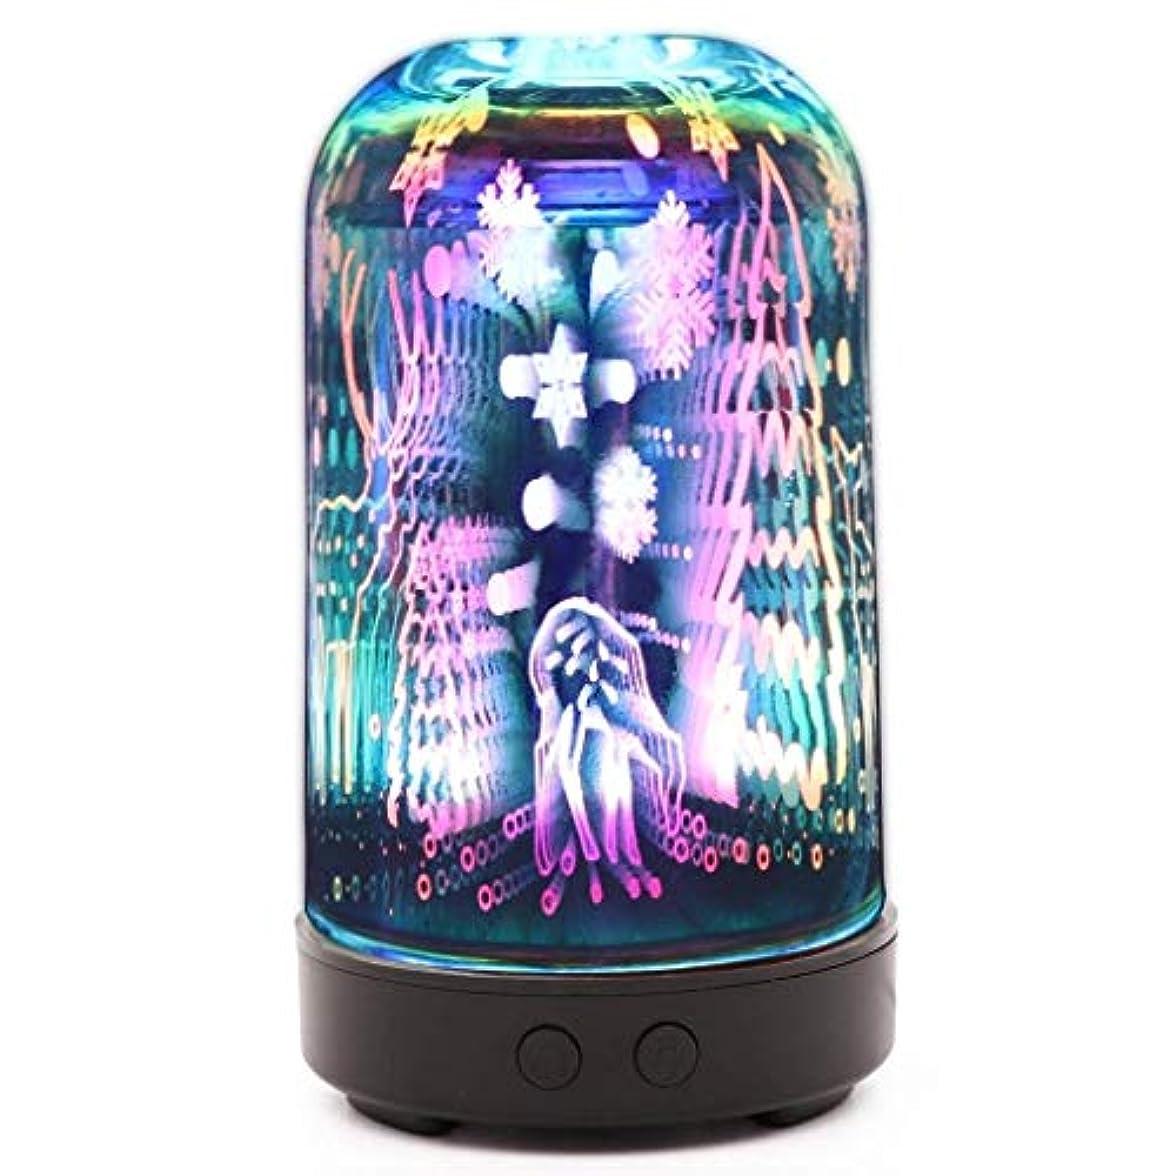 おんどりラベプレゼント3dガラスエッセンシャルオイルディフューザー、100ミリリットルアロマセラピー超音波クールミスト空気加湿器自動シャットオフ機能ホームオフィス用ヨガスパ (Color : B)